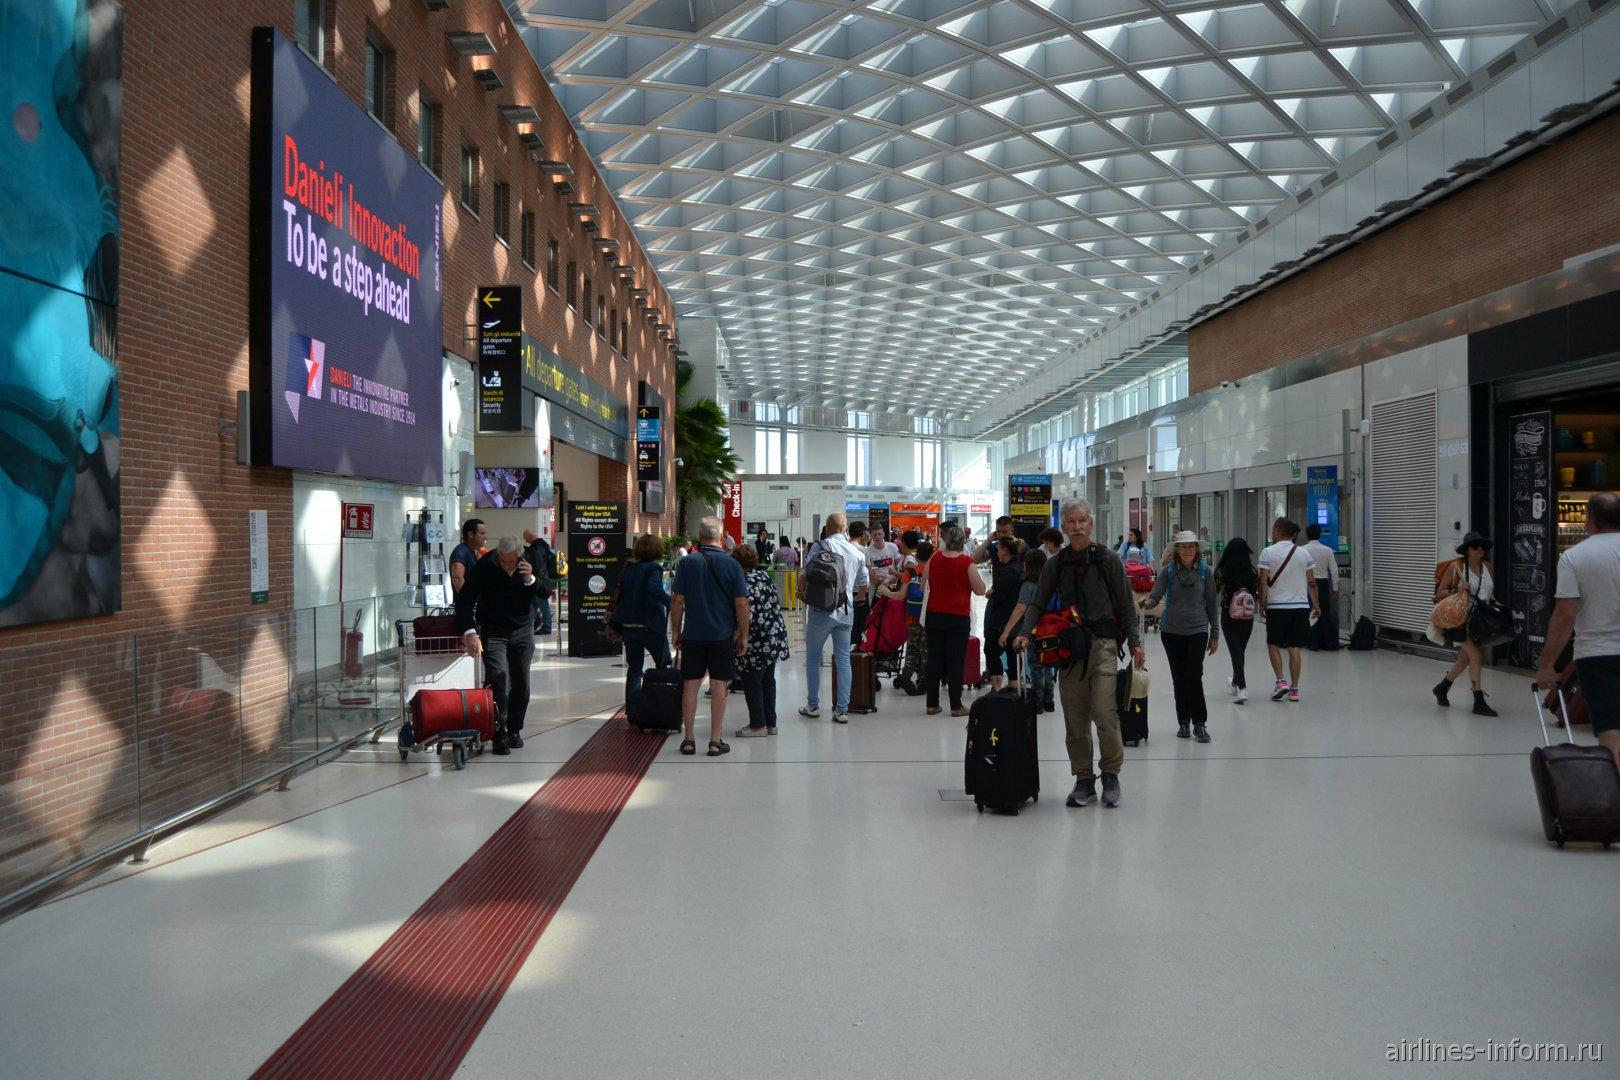 В общей зоне пассажирского терминала аэропорта Венеция Марко Поло